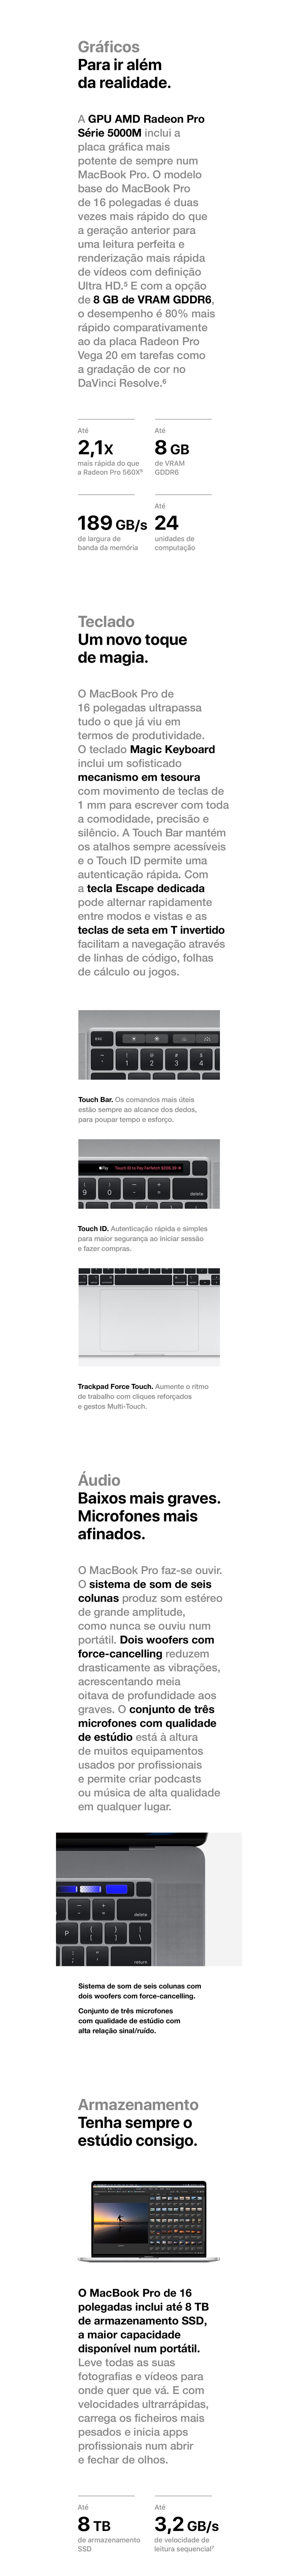 Lançamento Macbook